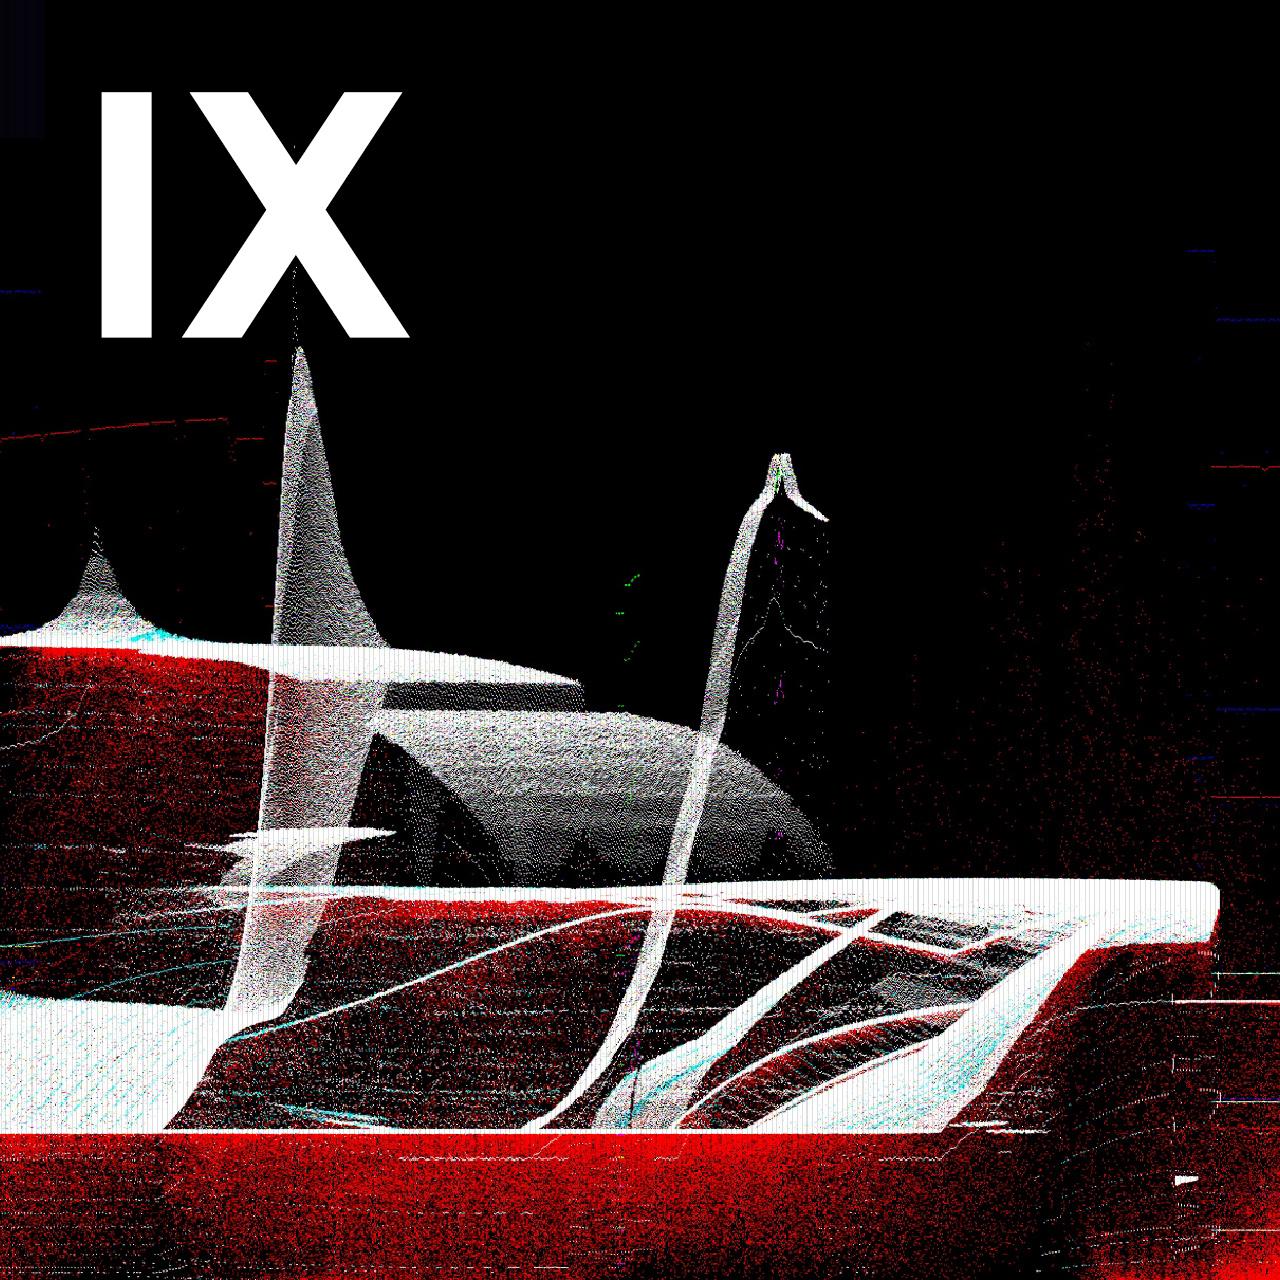 TD_RT_IX_Markus_Insta.jpg